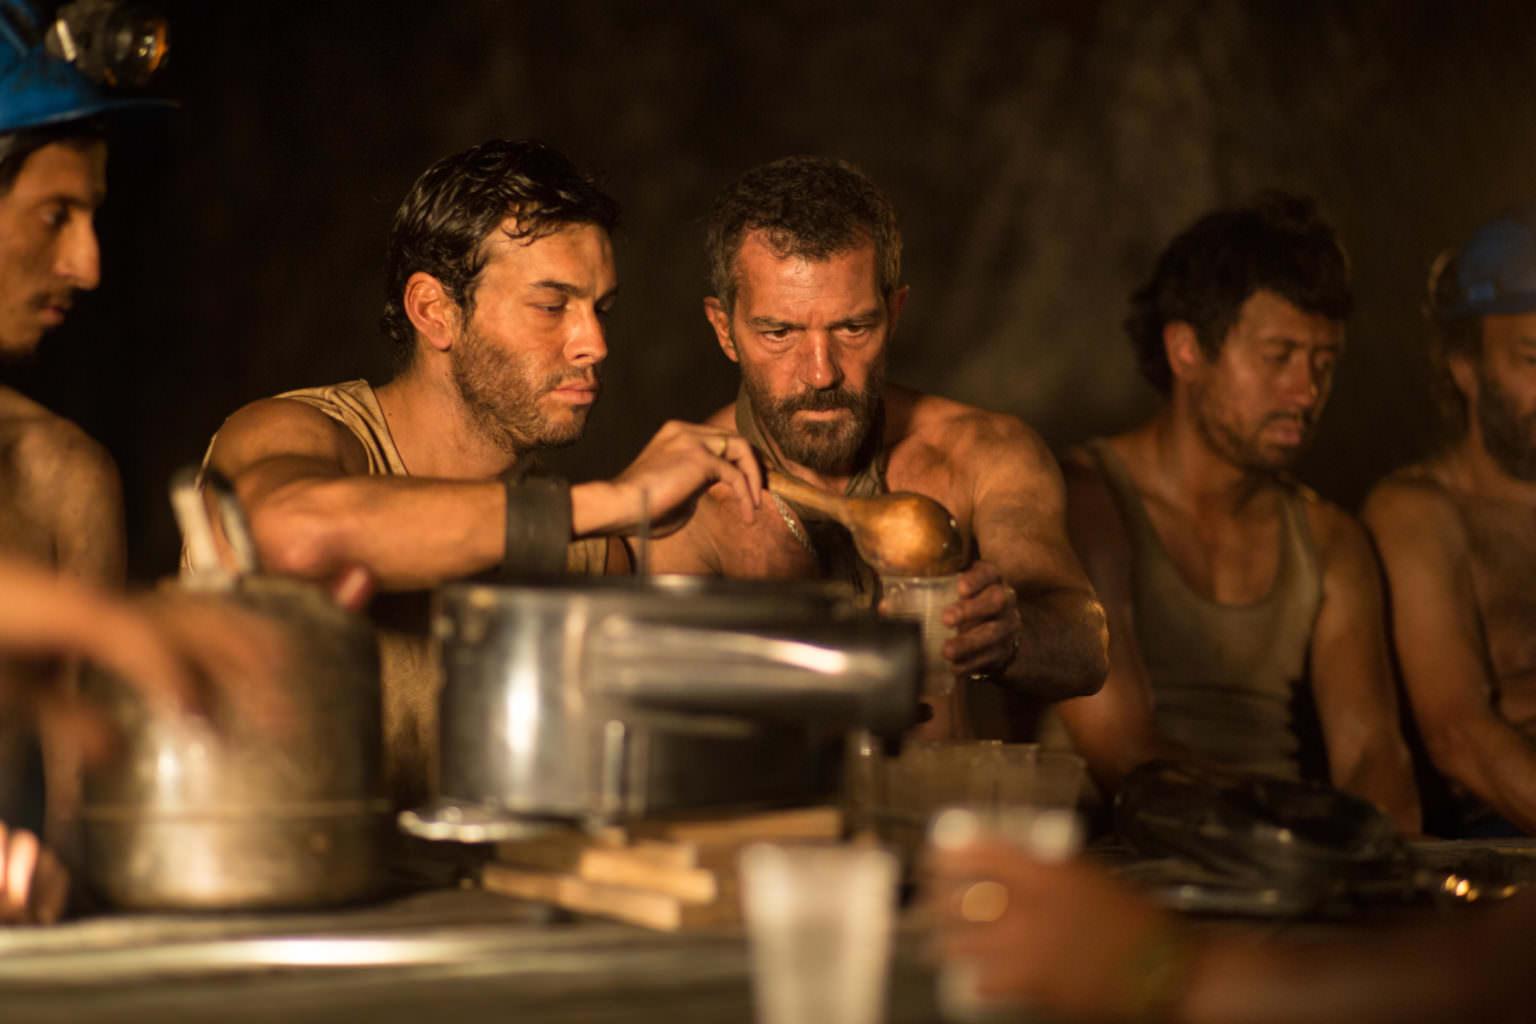 نگاهی دوباره به فیلم ۳۳؛ داستان خارقالعادهی معدنچیان شیلیزمان تقریبی مطالعه: ۱ دقیقه